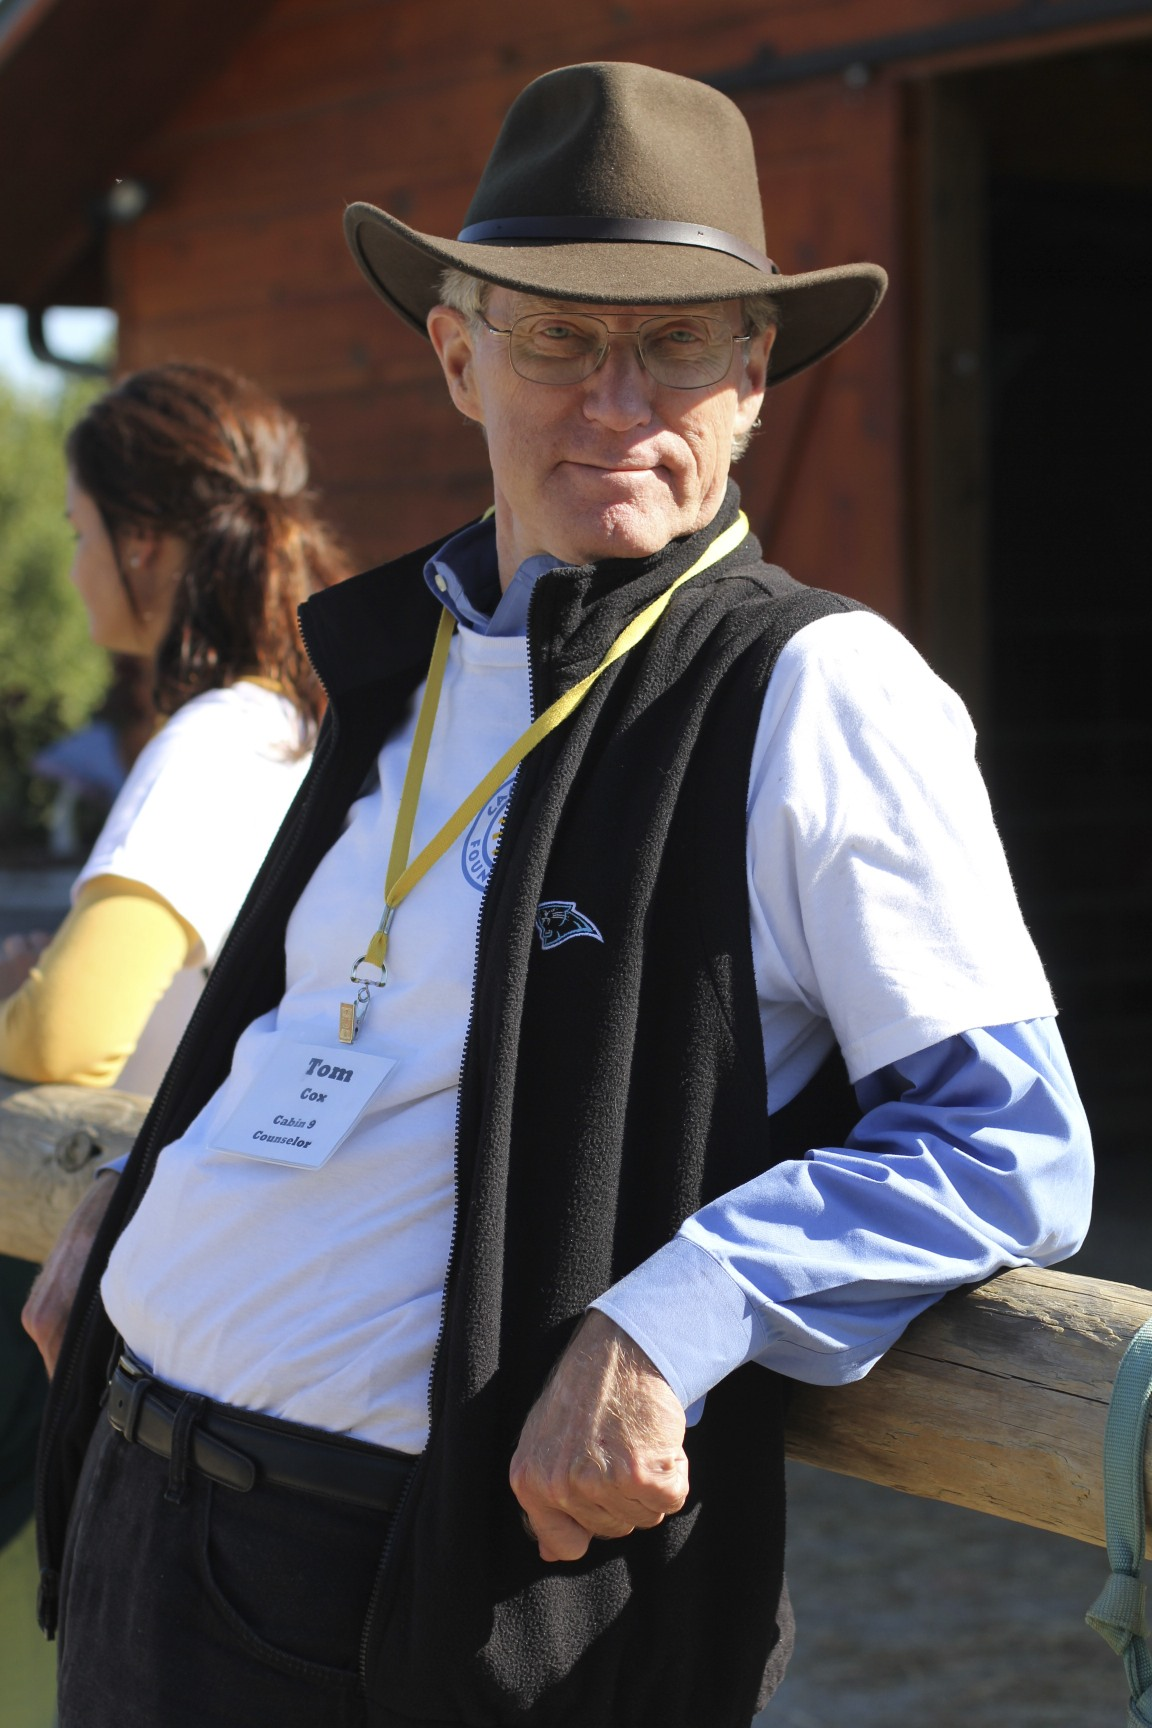 Tom Cox Camp Blue Skies volunteer